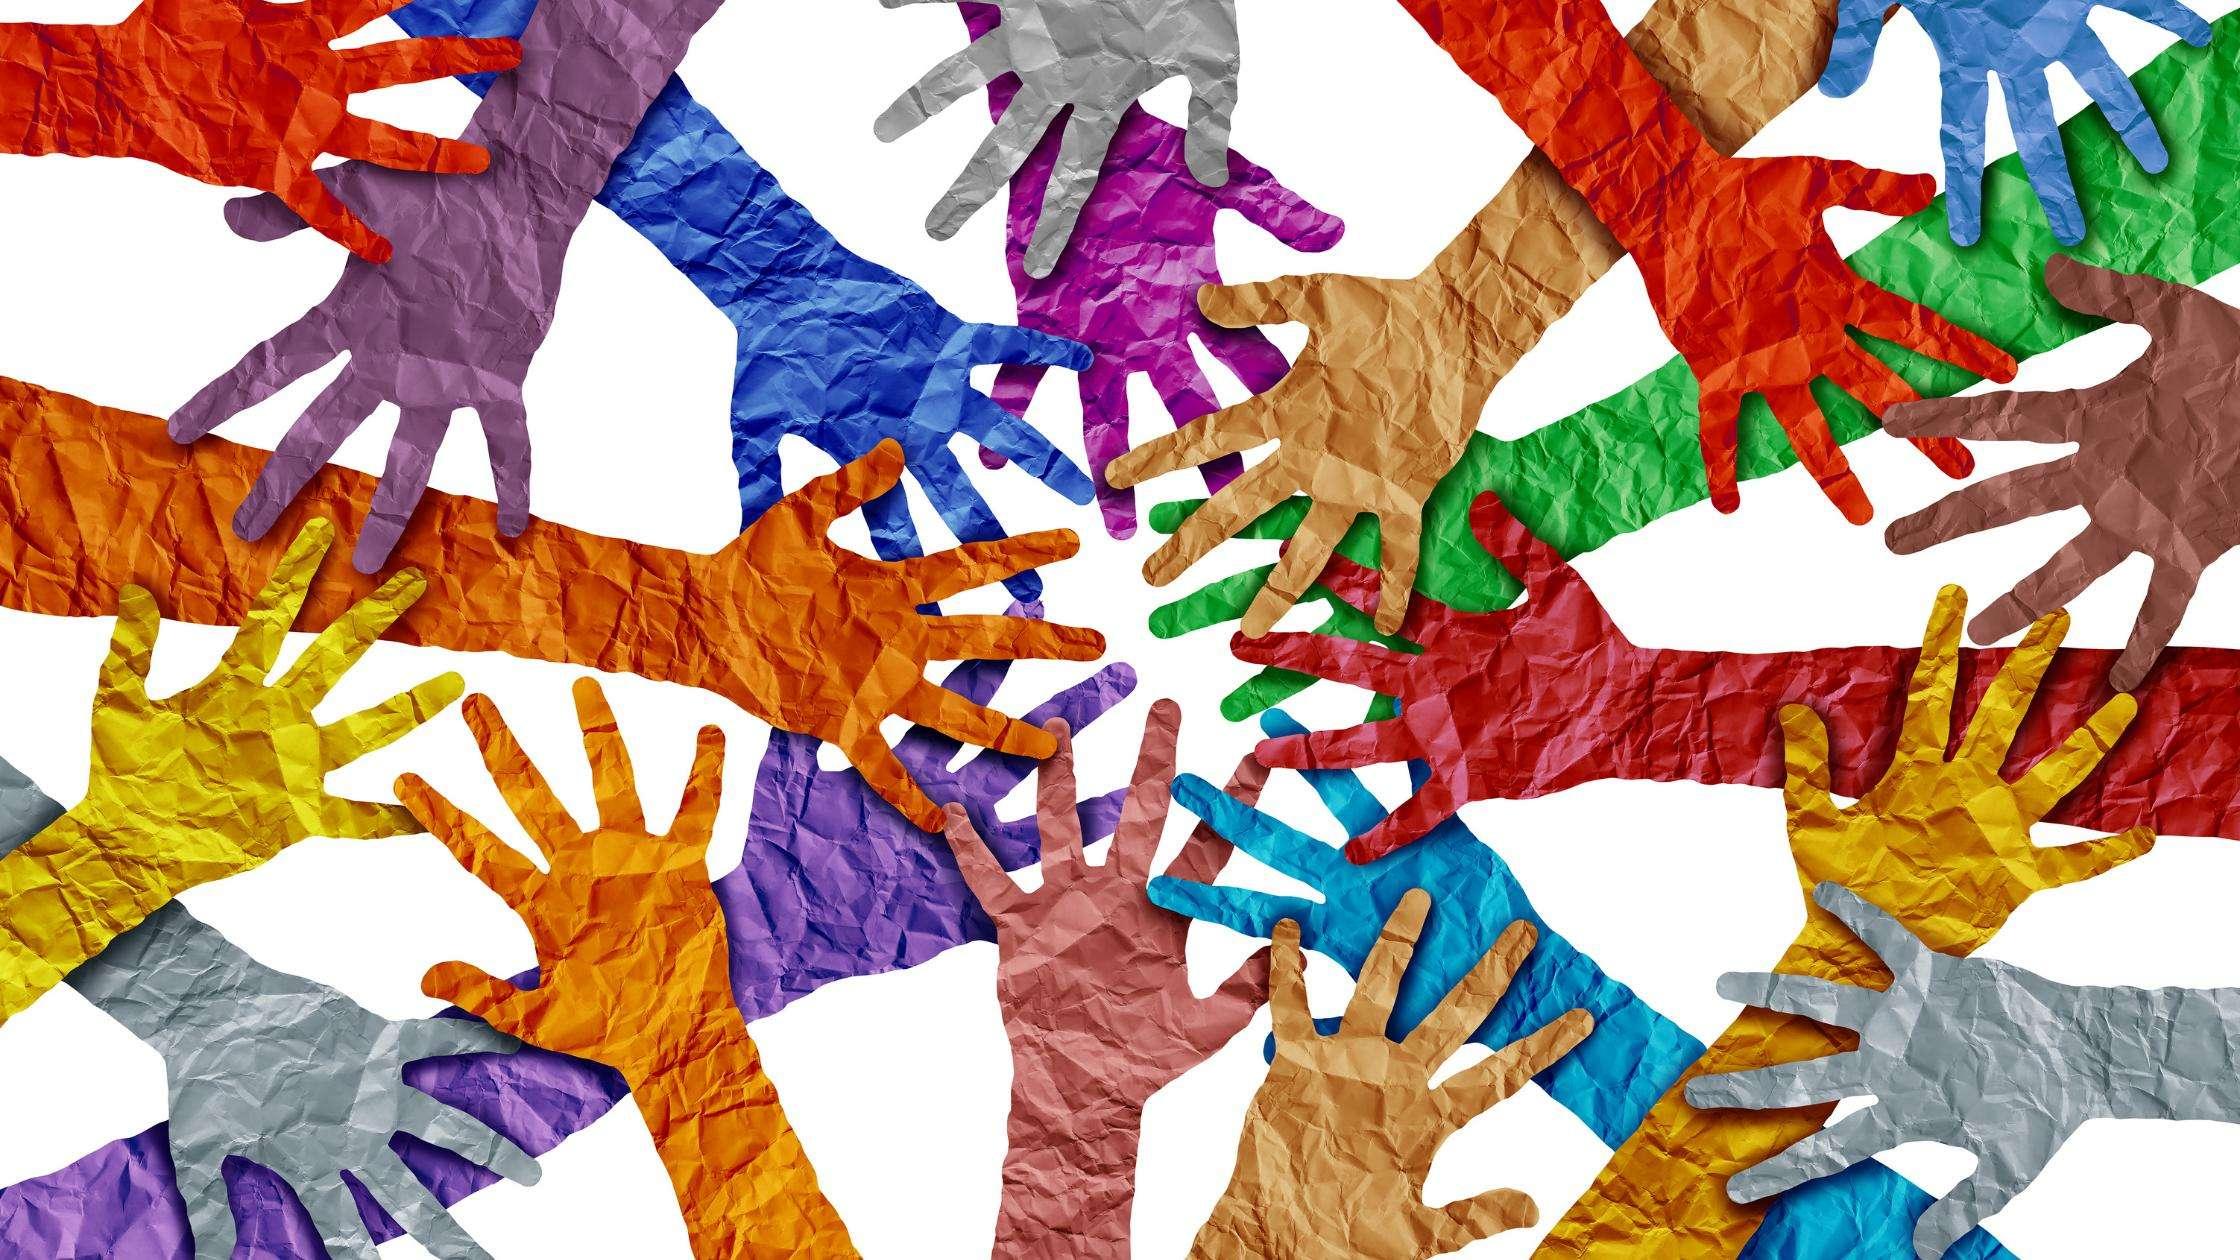 Tầm quan trọng của việc ưu tiên sự đa dạng trong vai trò lãnh đạo